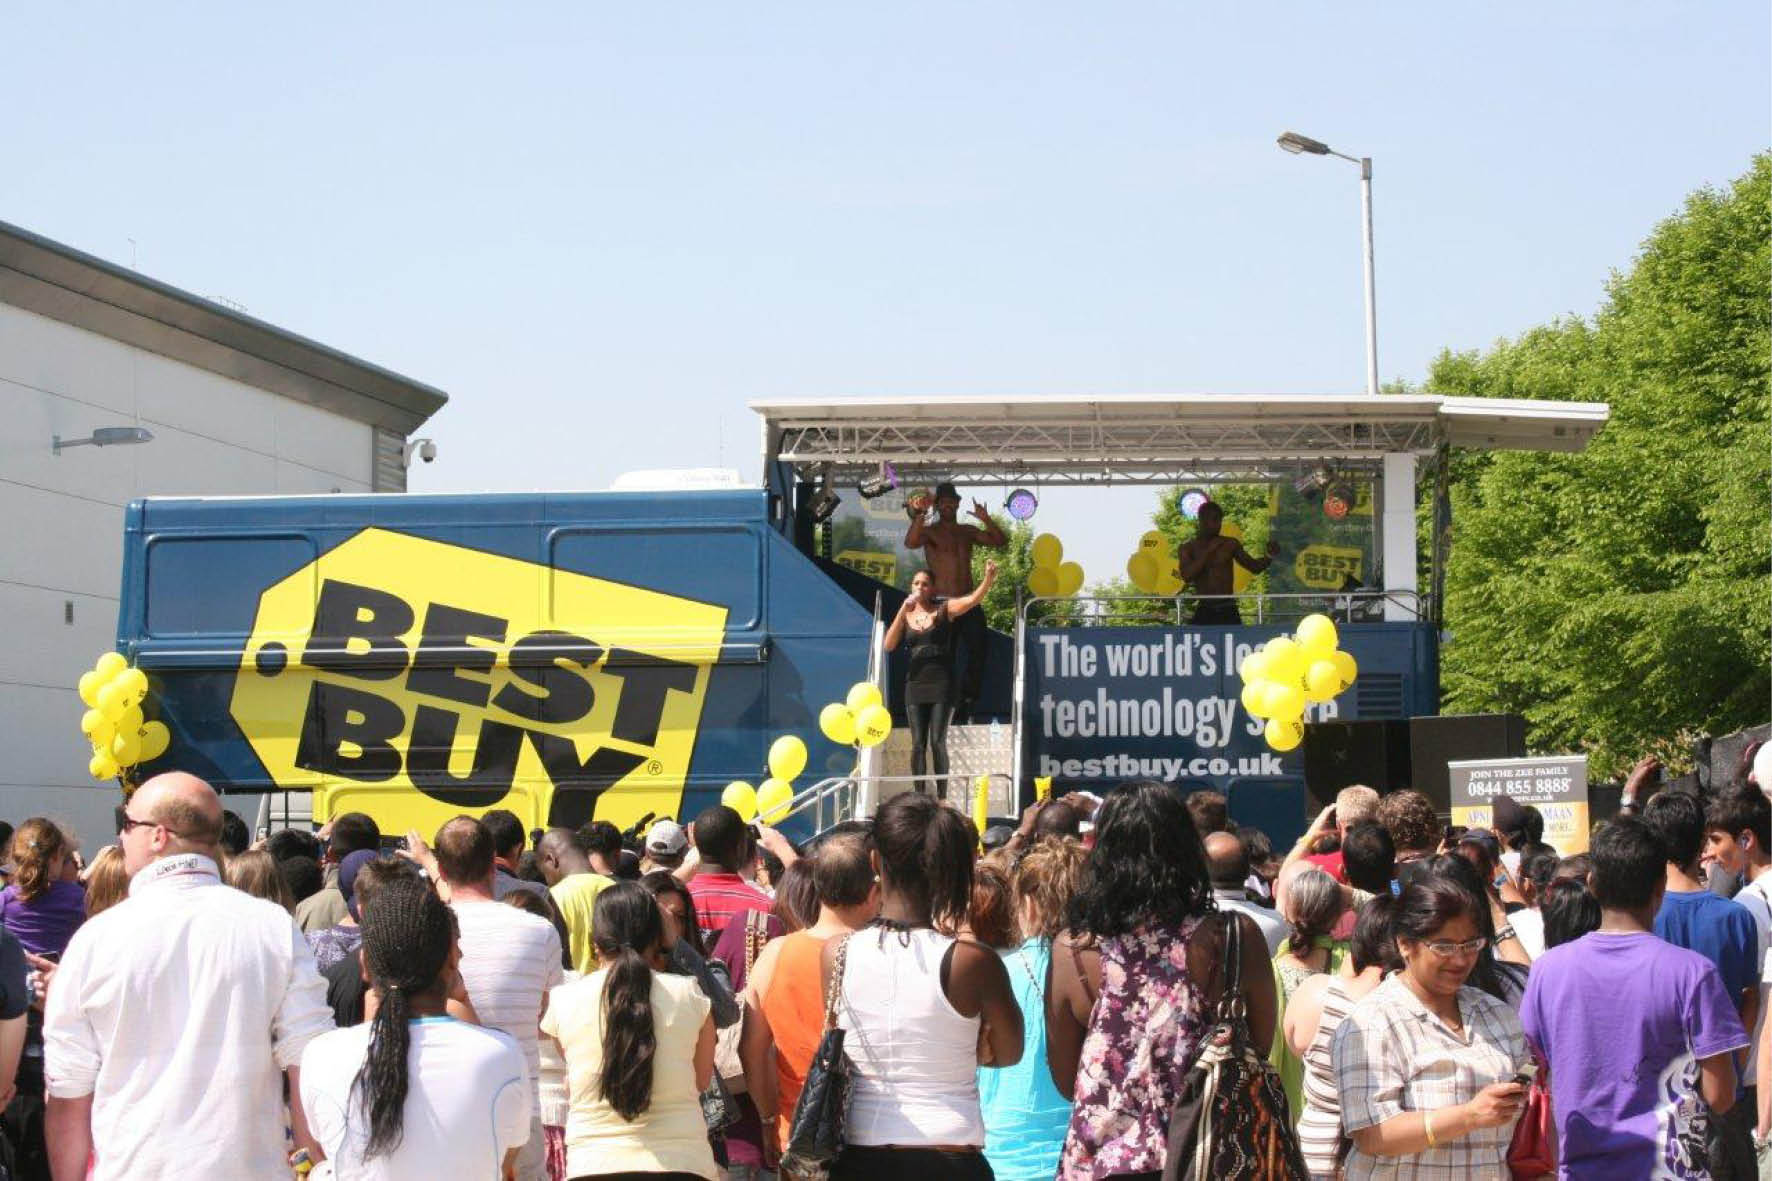 bus_business_best_buy_6.jpg